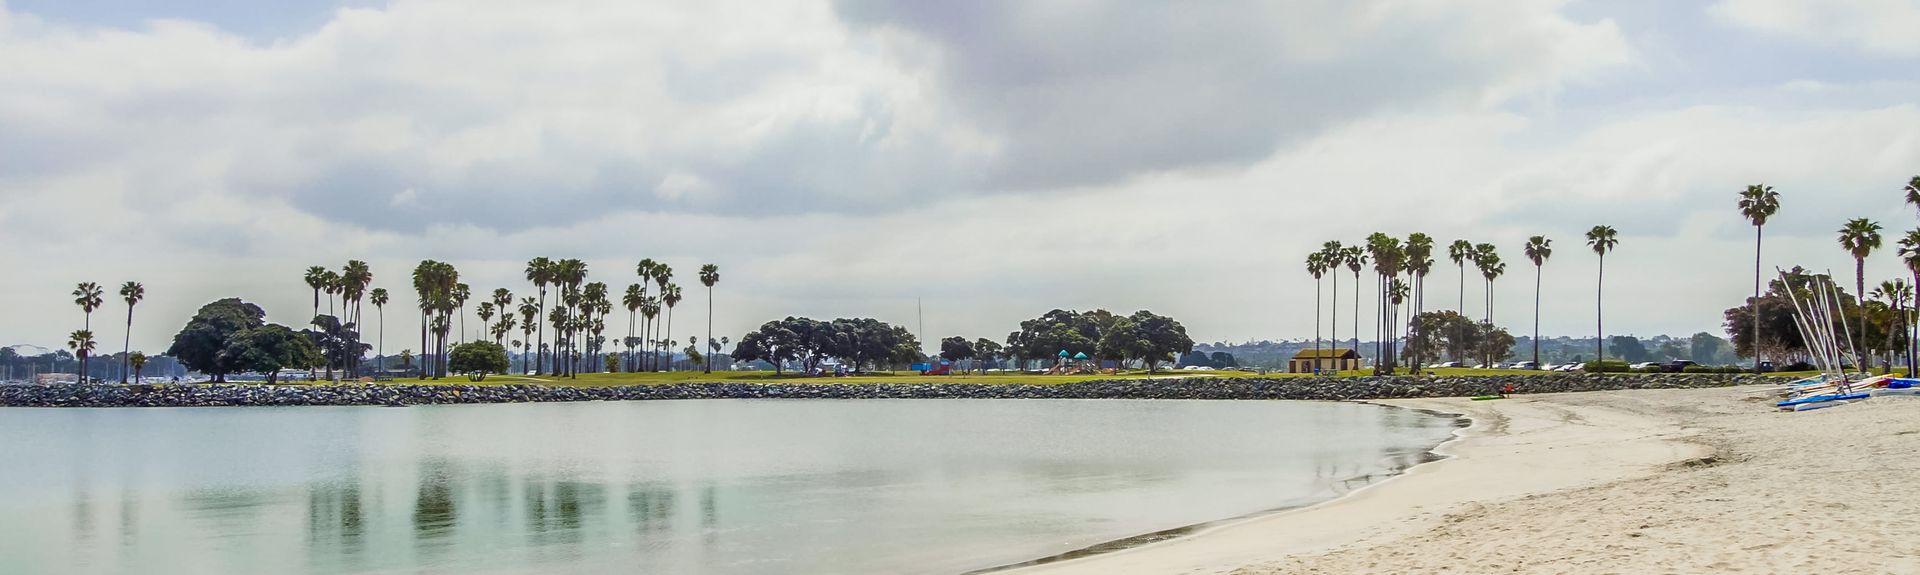 South Mission Beach, San Diego, Califórnia, Estados Unidos